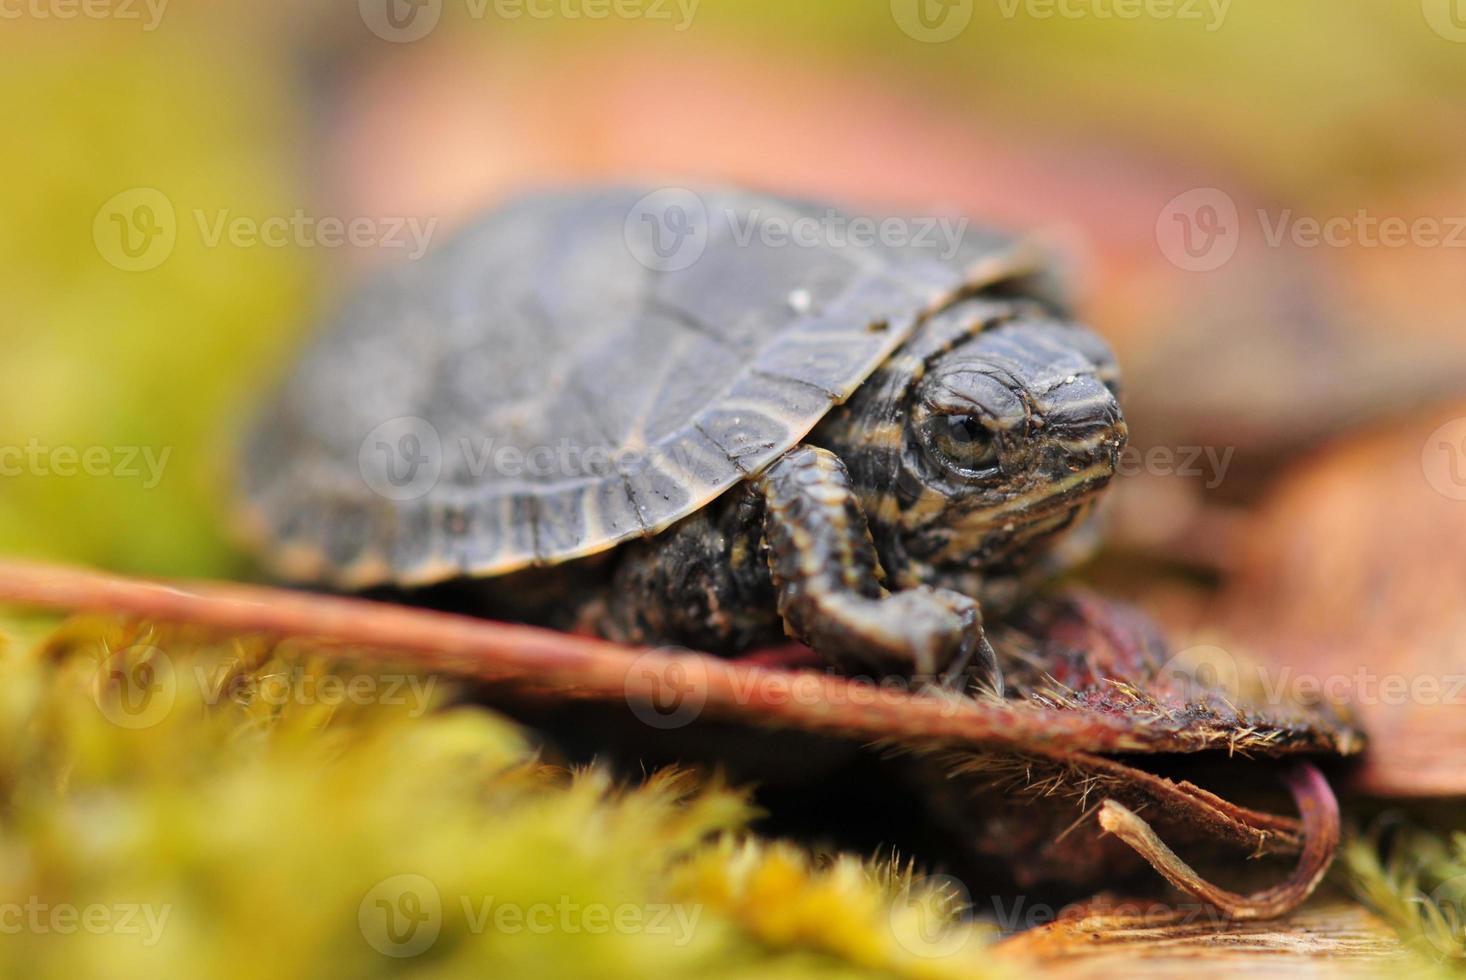 tartaruga bebê na vagem foto